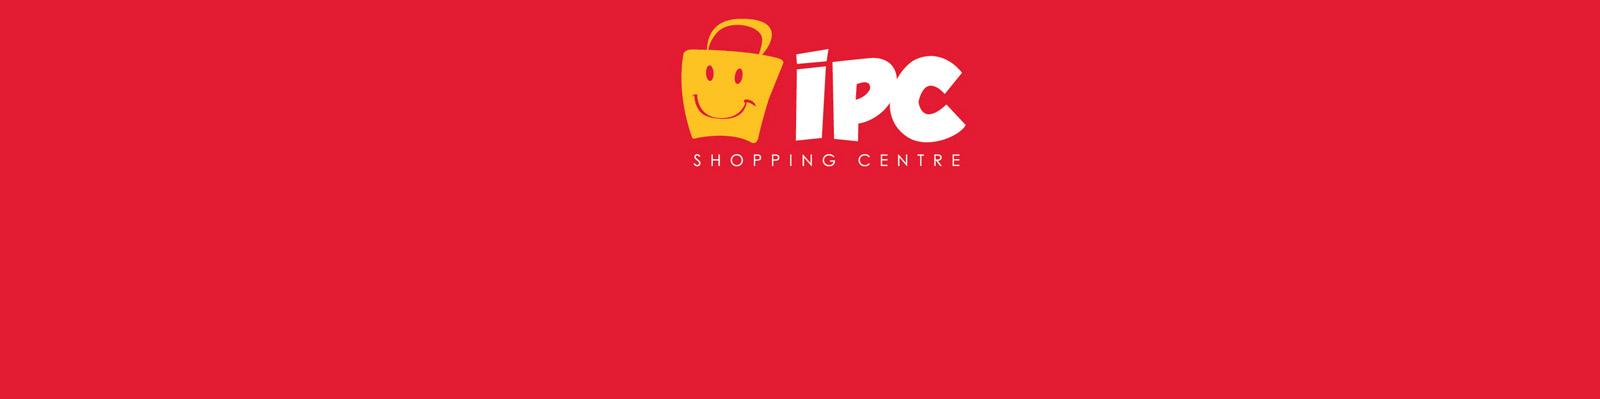 IPC SHOPPING CENTER